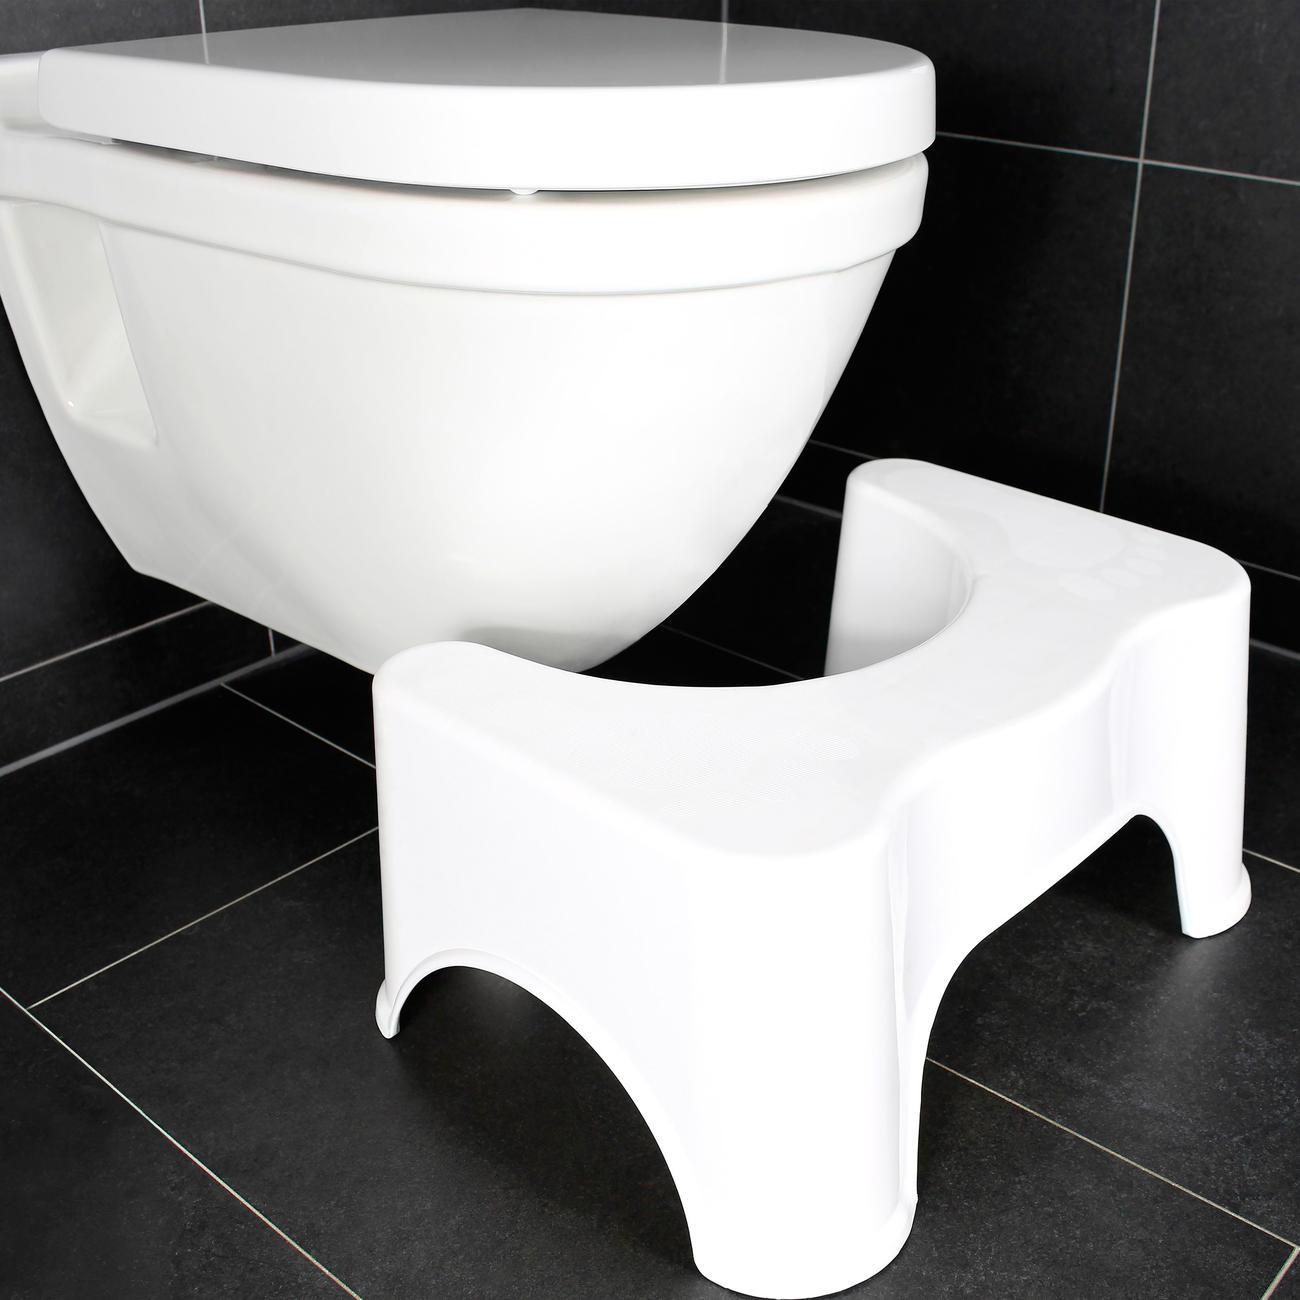 Toilettenhocker | 3 Jahre Garantie | Pro-Idee